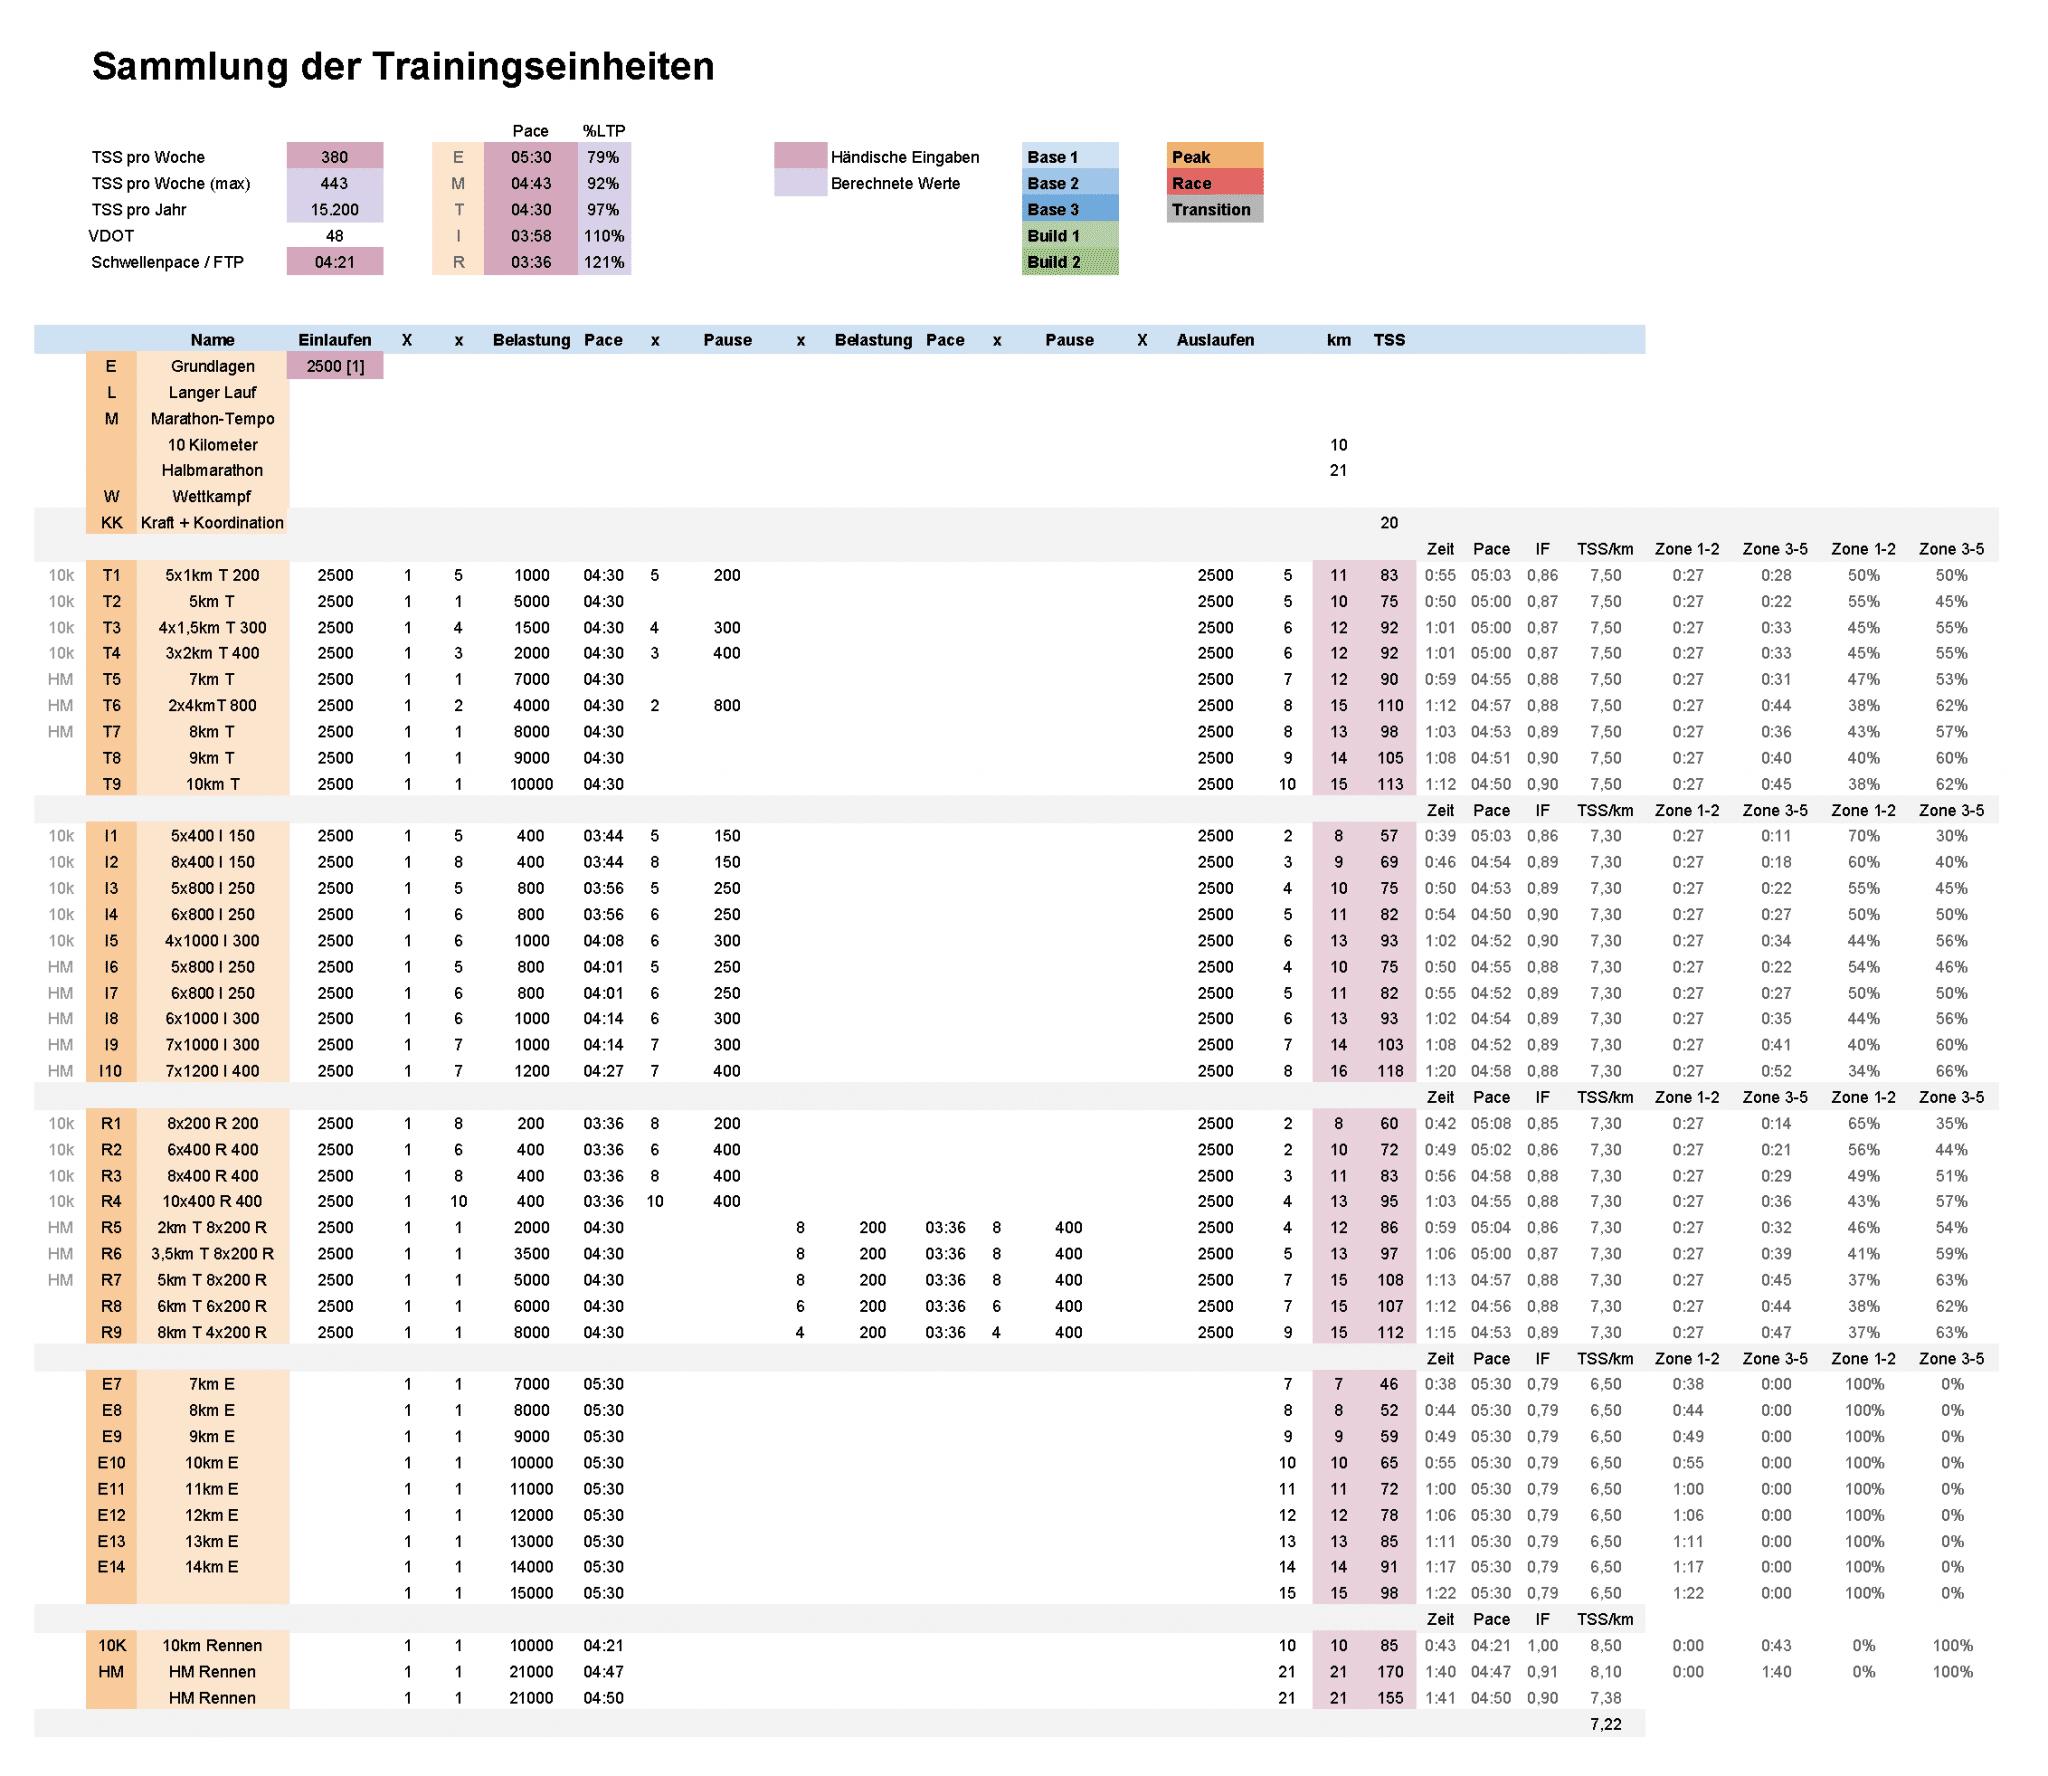 Sammlung der Trainingseinheiten